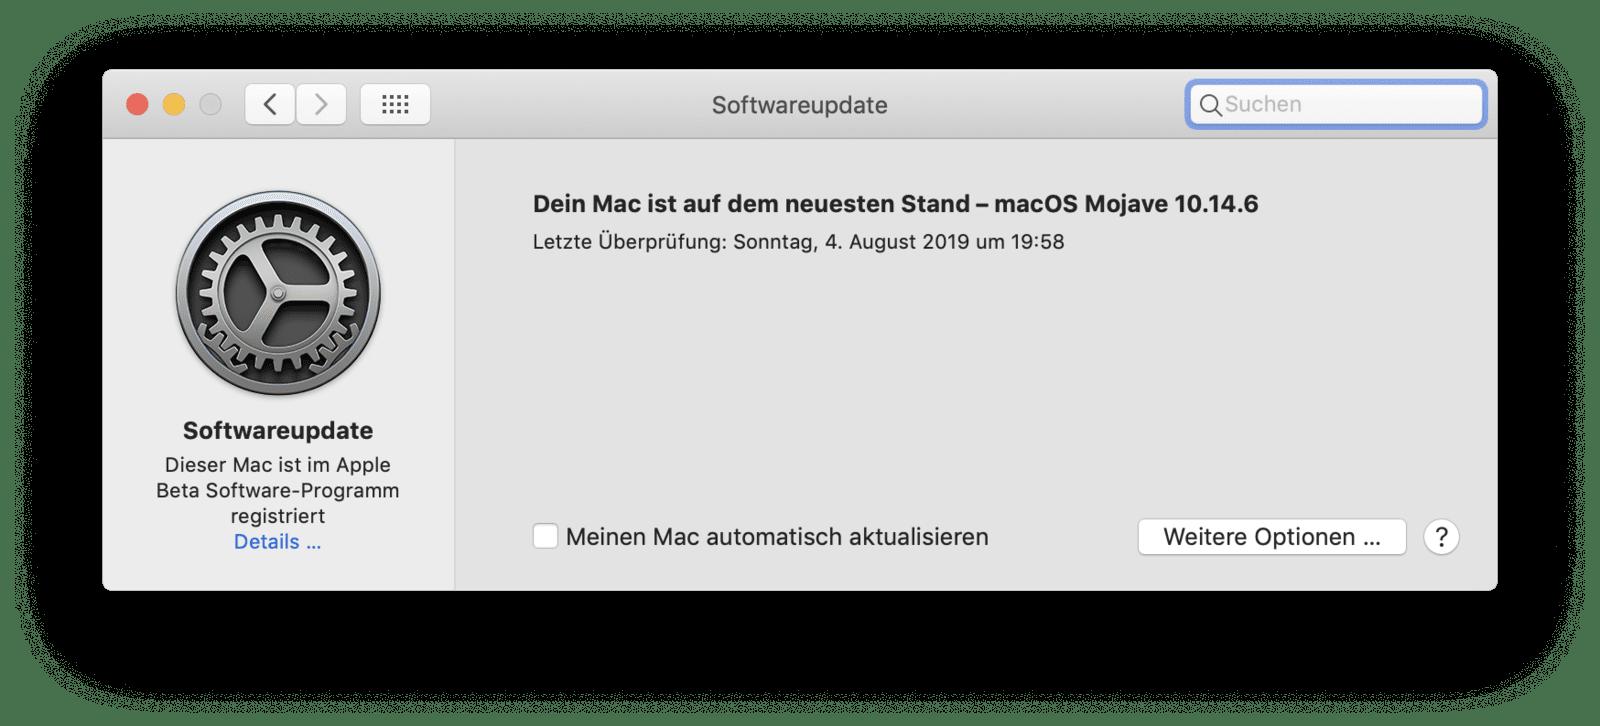 Bildschirmfoto 2019-08-04 um 19.59.11.png